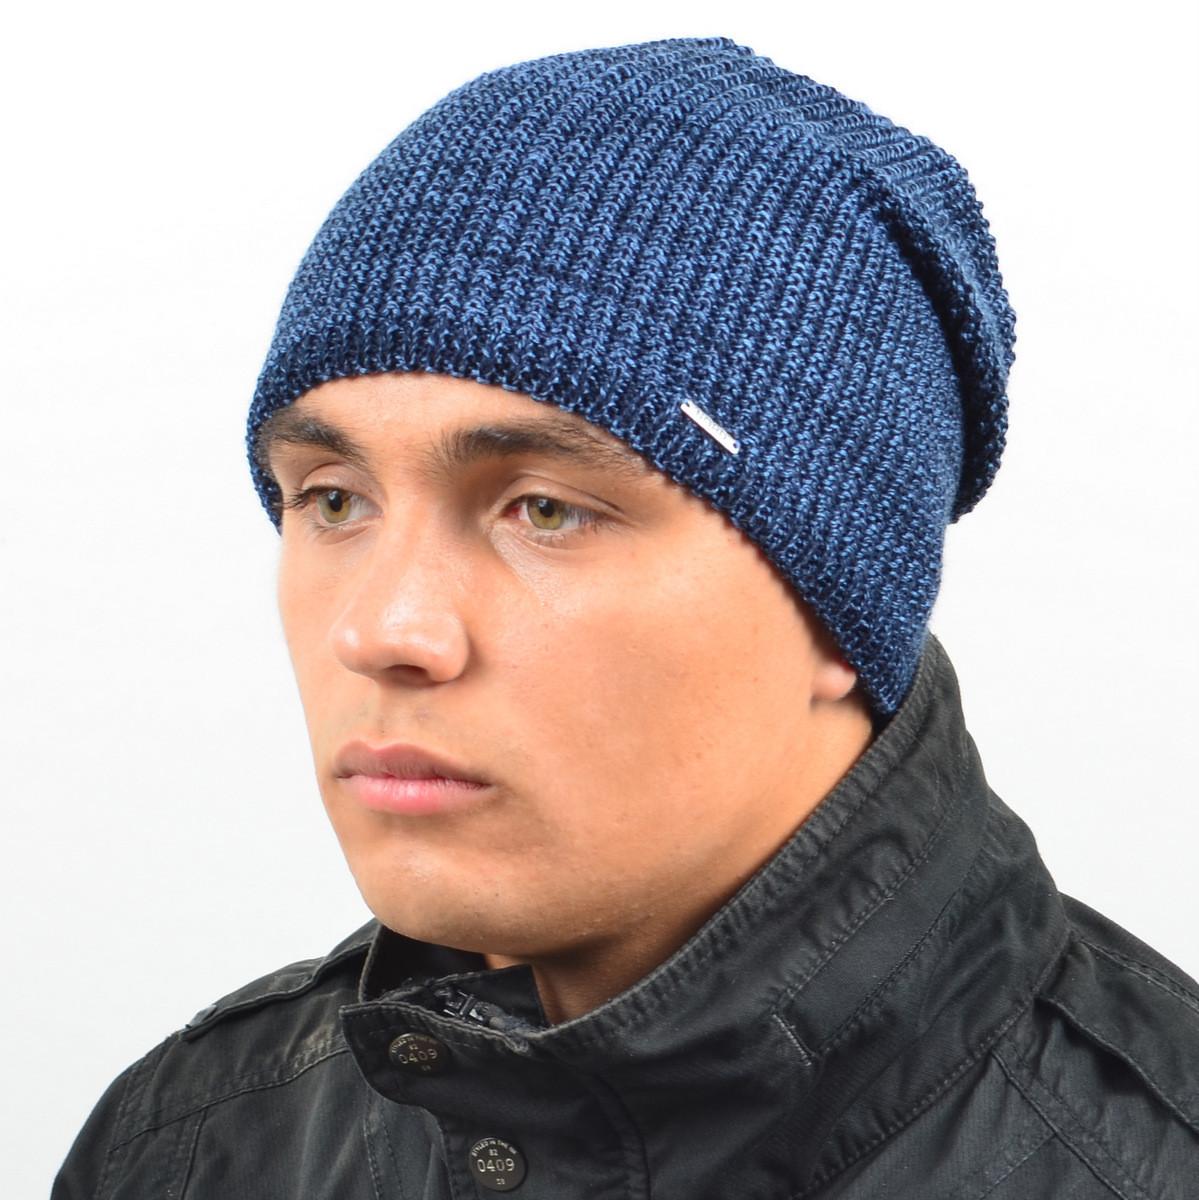 Мужская удлиненная шапка NORD синий + джинс меланж